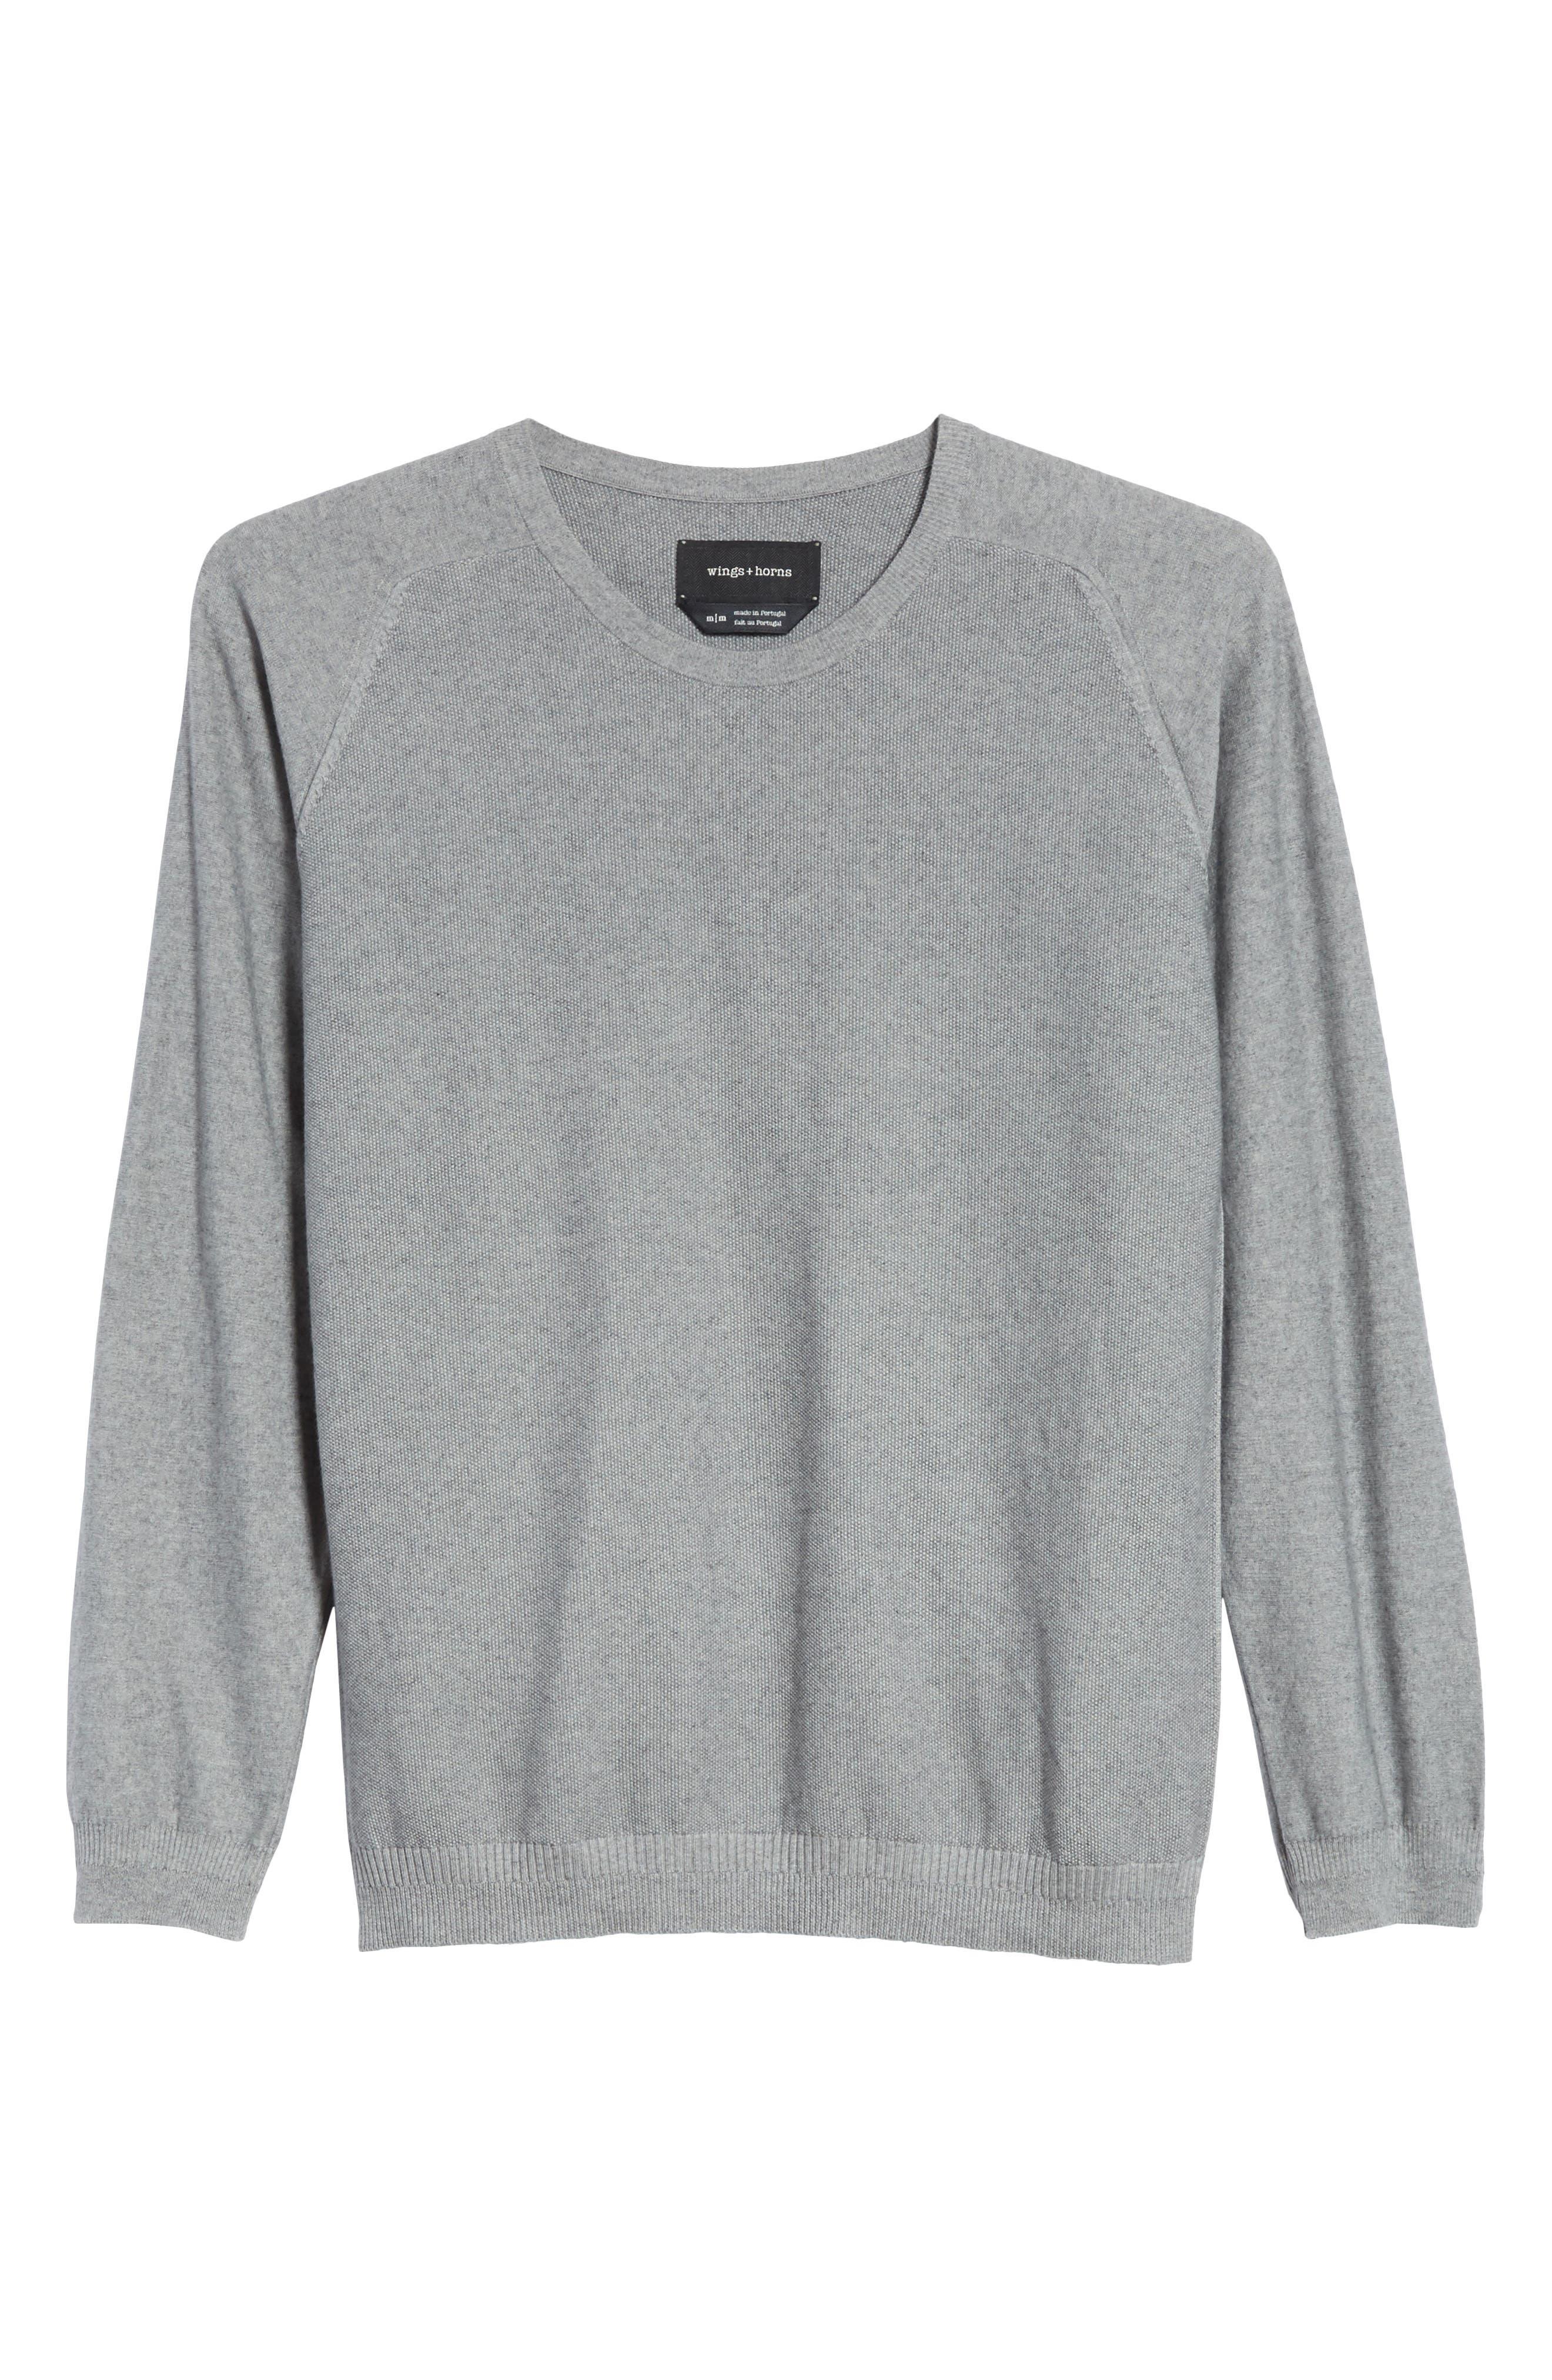 Cotton & Cashmere Sweater,                             Alternate thumbnail 6, color,                             060